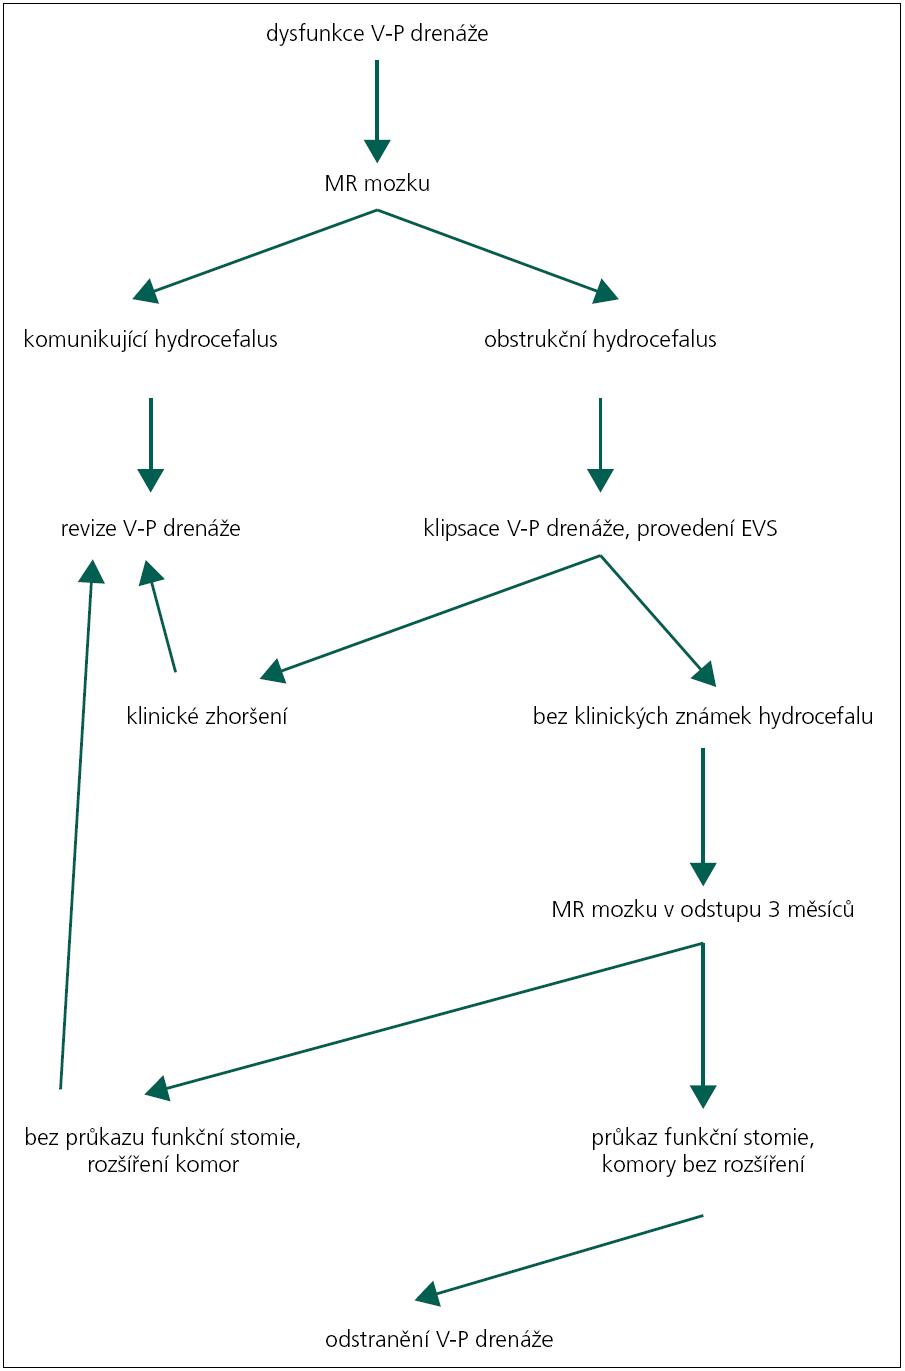 Diagnostický a terapeutický algoritmus u pacientů s V-P drenáží na naší klinice.